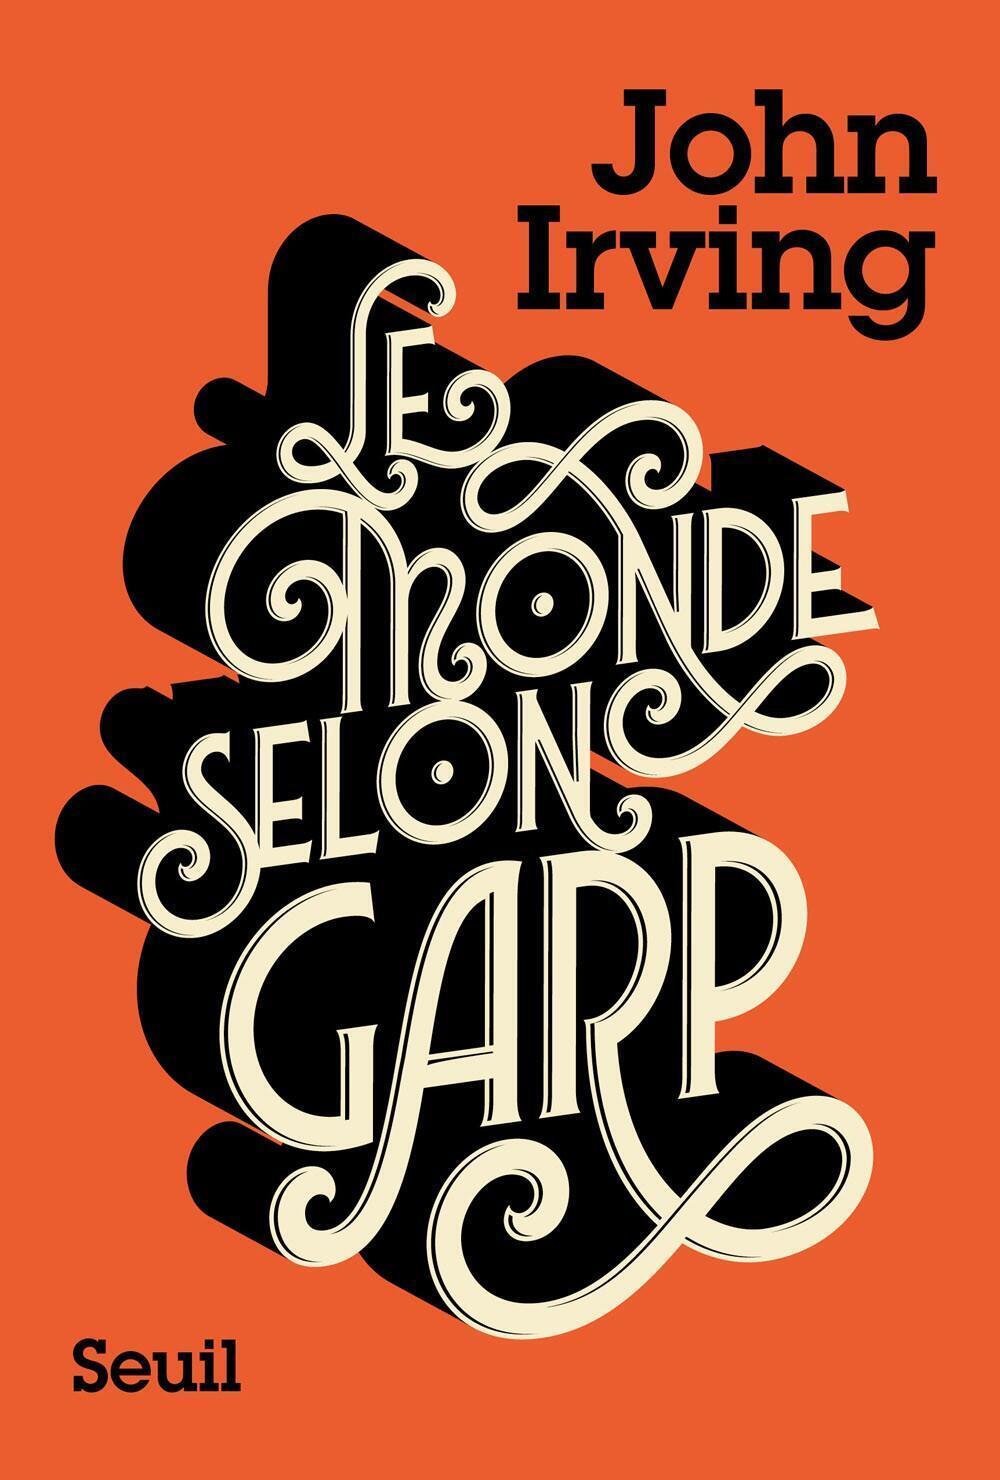 La couverture du livre de John Irving « Le Monde selon Garp ».